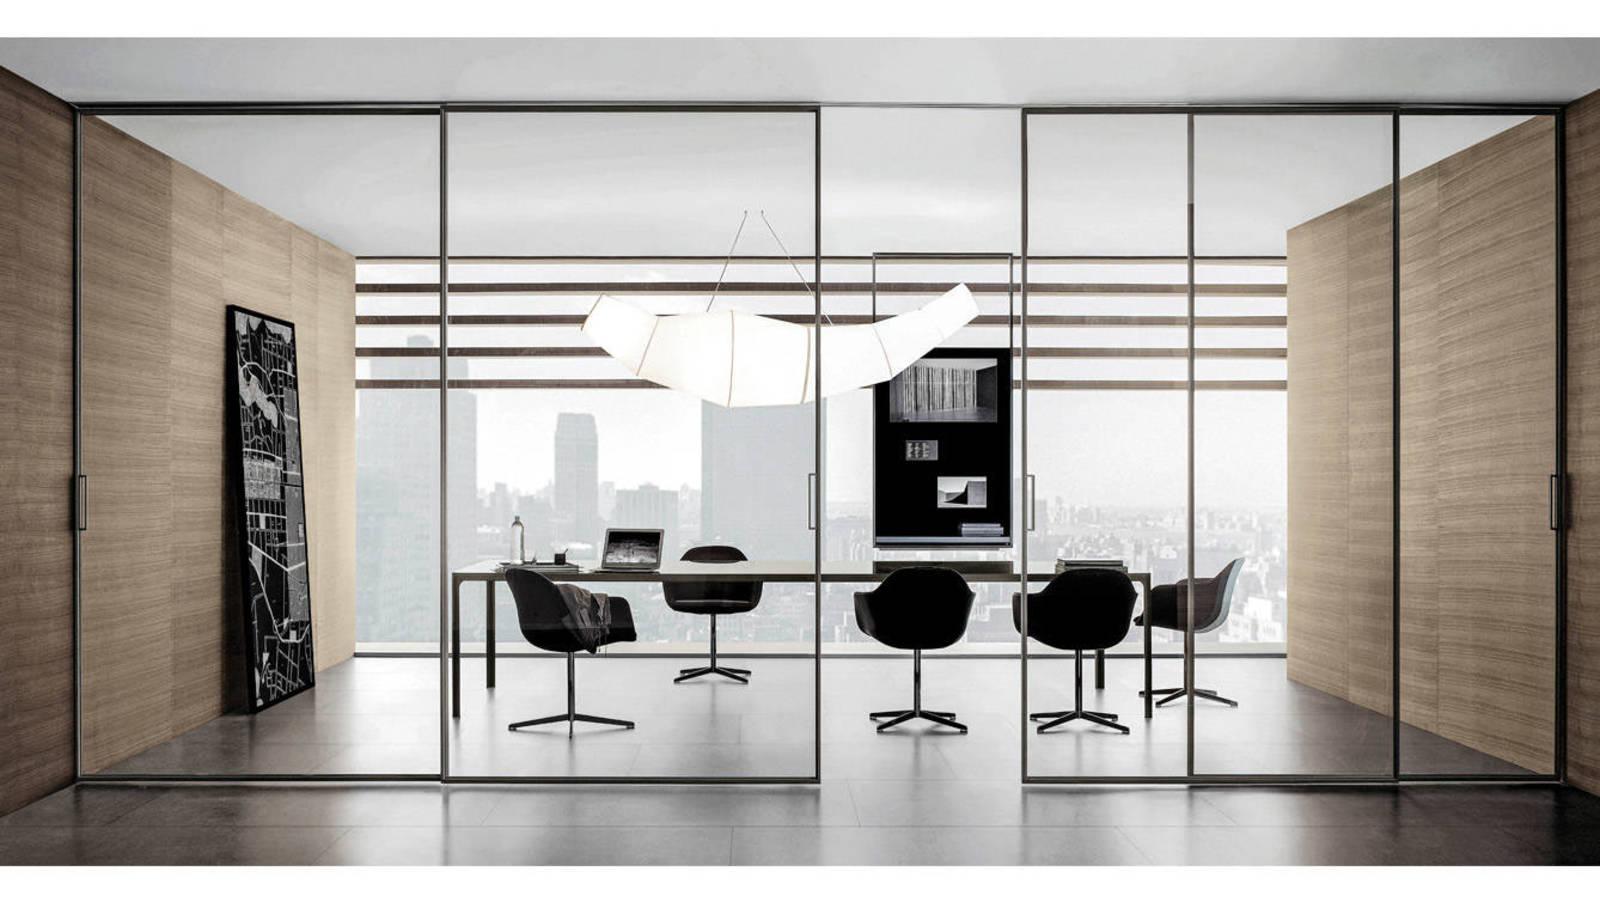 Oficinas sintéticas: un nuevo concepto del espacio de trabajo para el siglo XXI